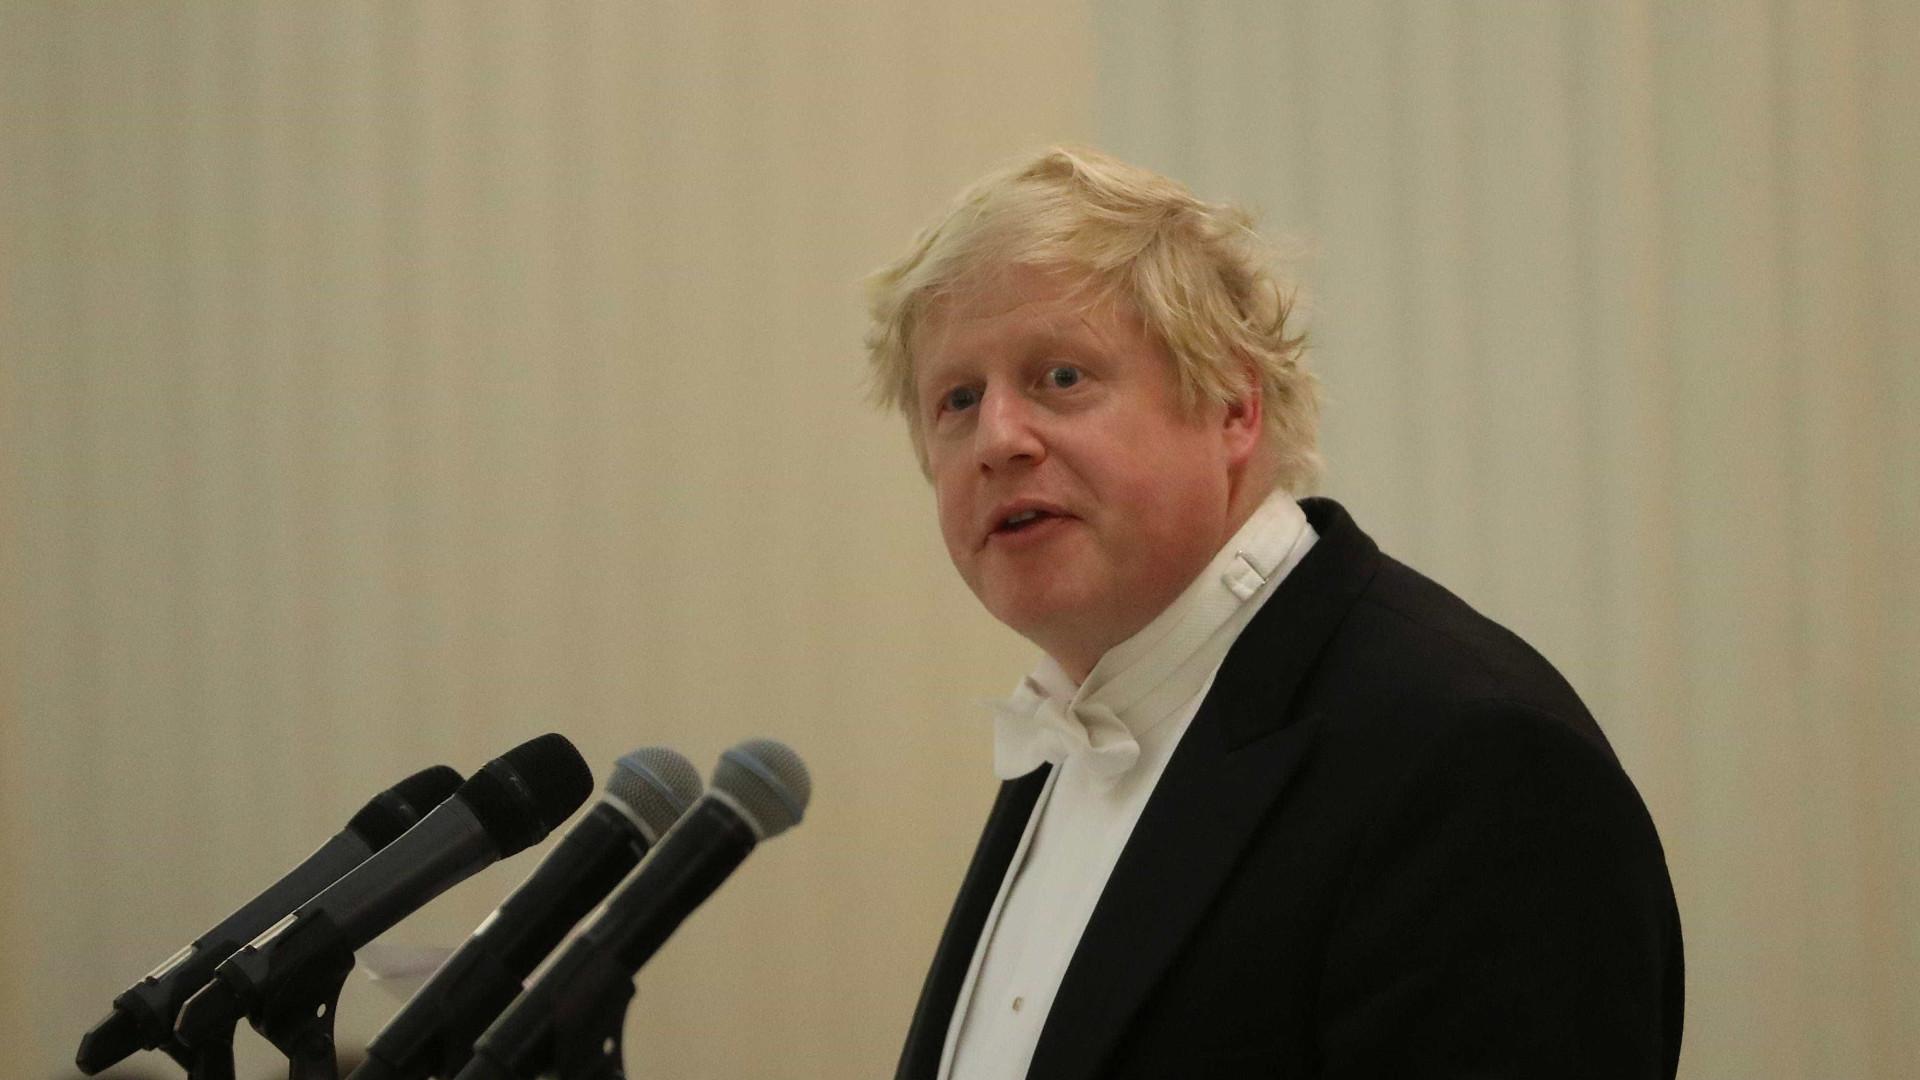 Chanceler britânico nega que ataque à Síria seja por remoção de Assad